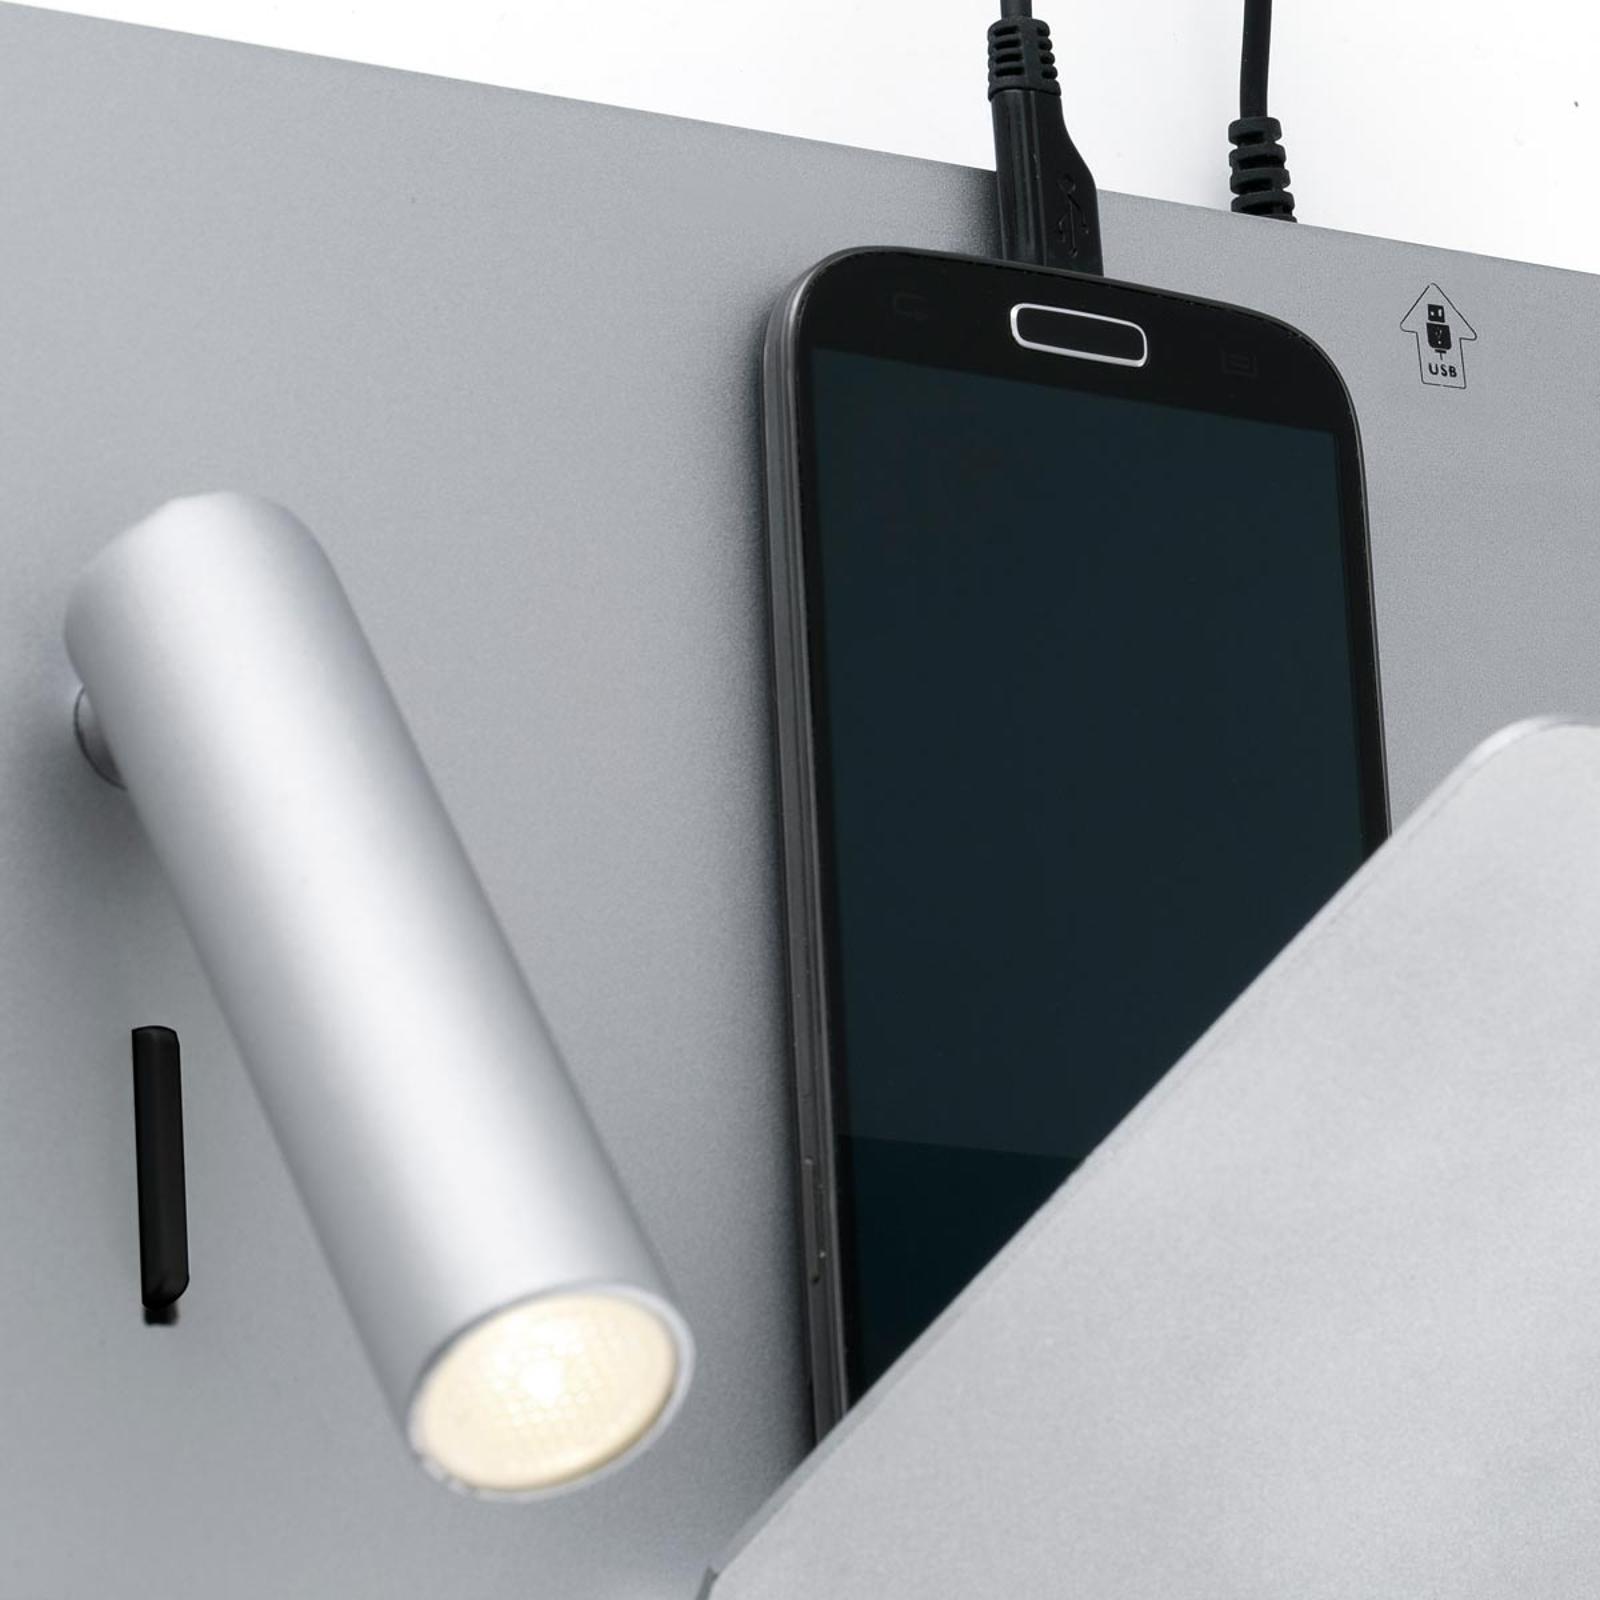 Applique LED Suau compacte avec chargeur USB